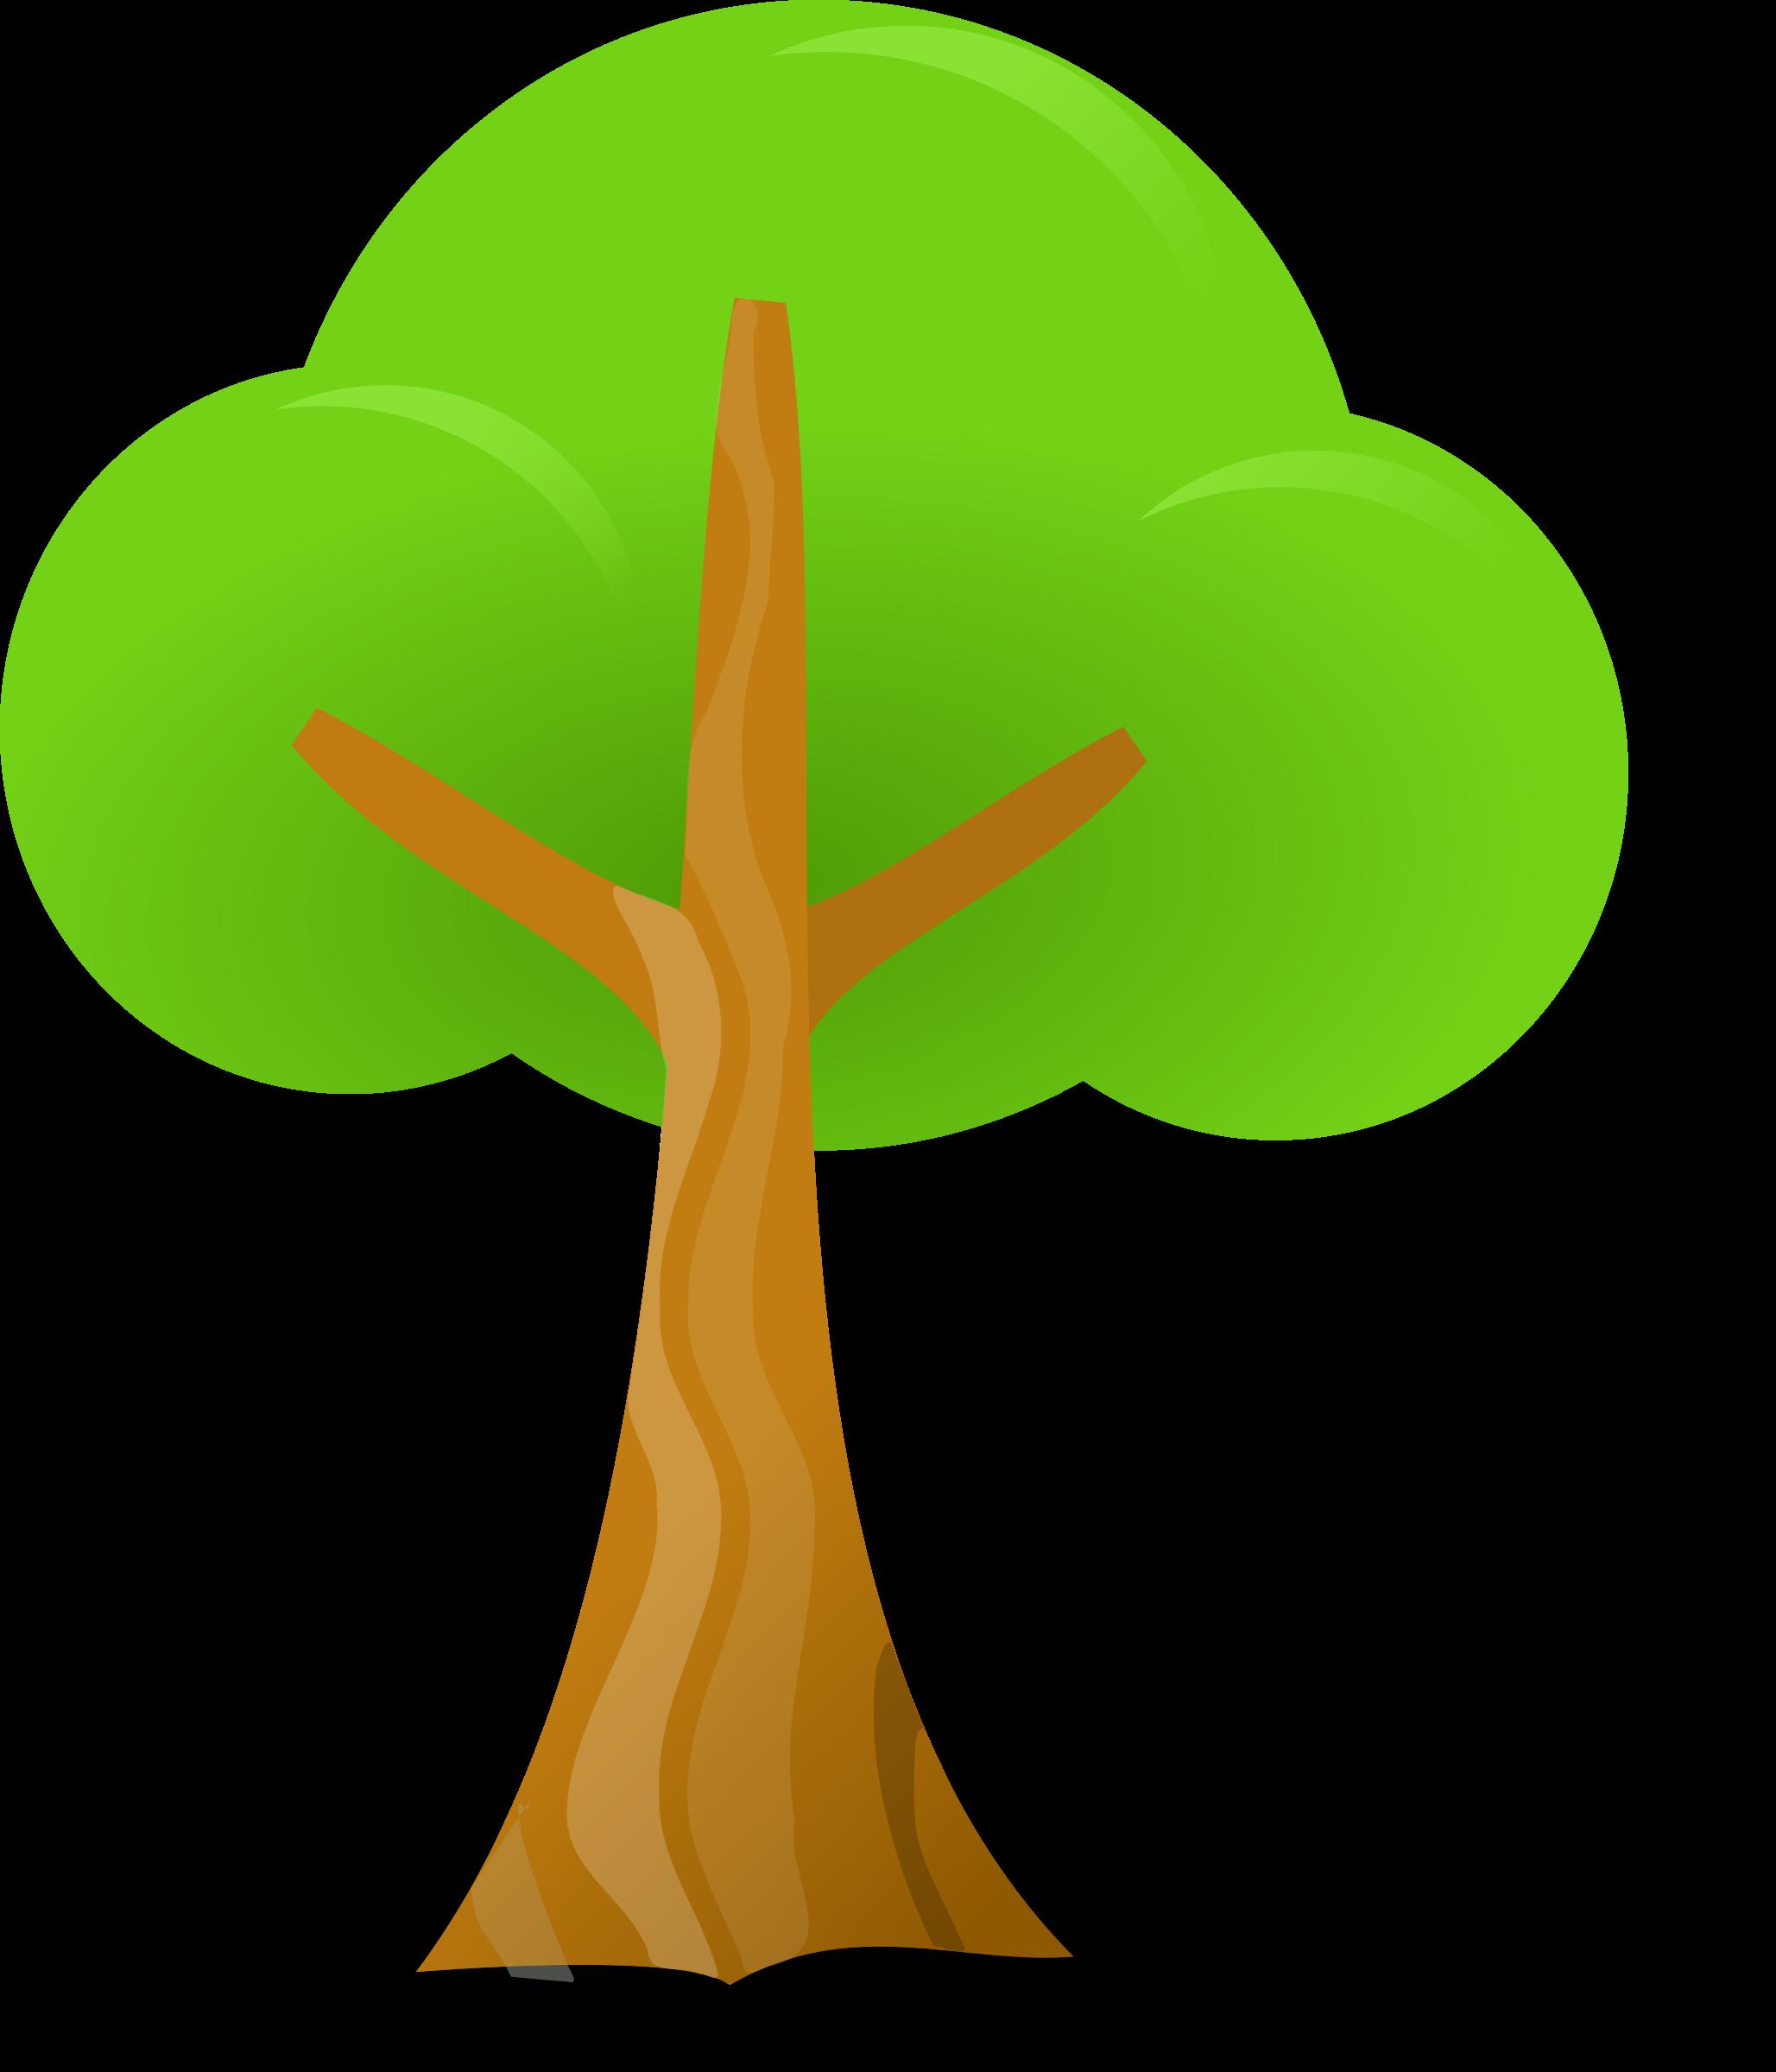 Tree simple